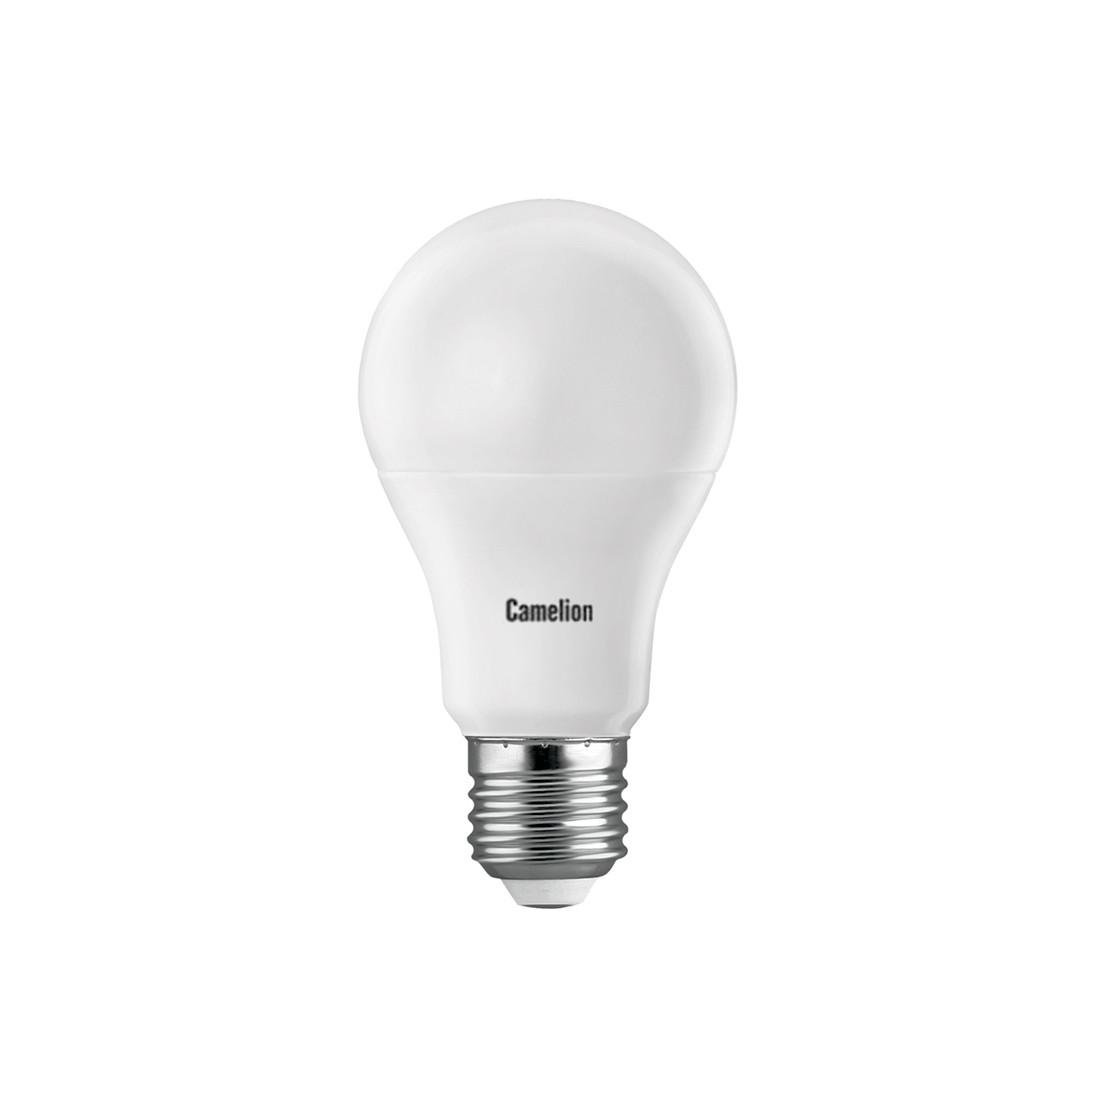 Лампа светодиодная Camelion А60/6500К/E27/13Вт, Дневной